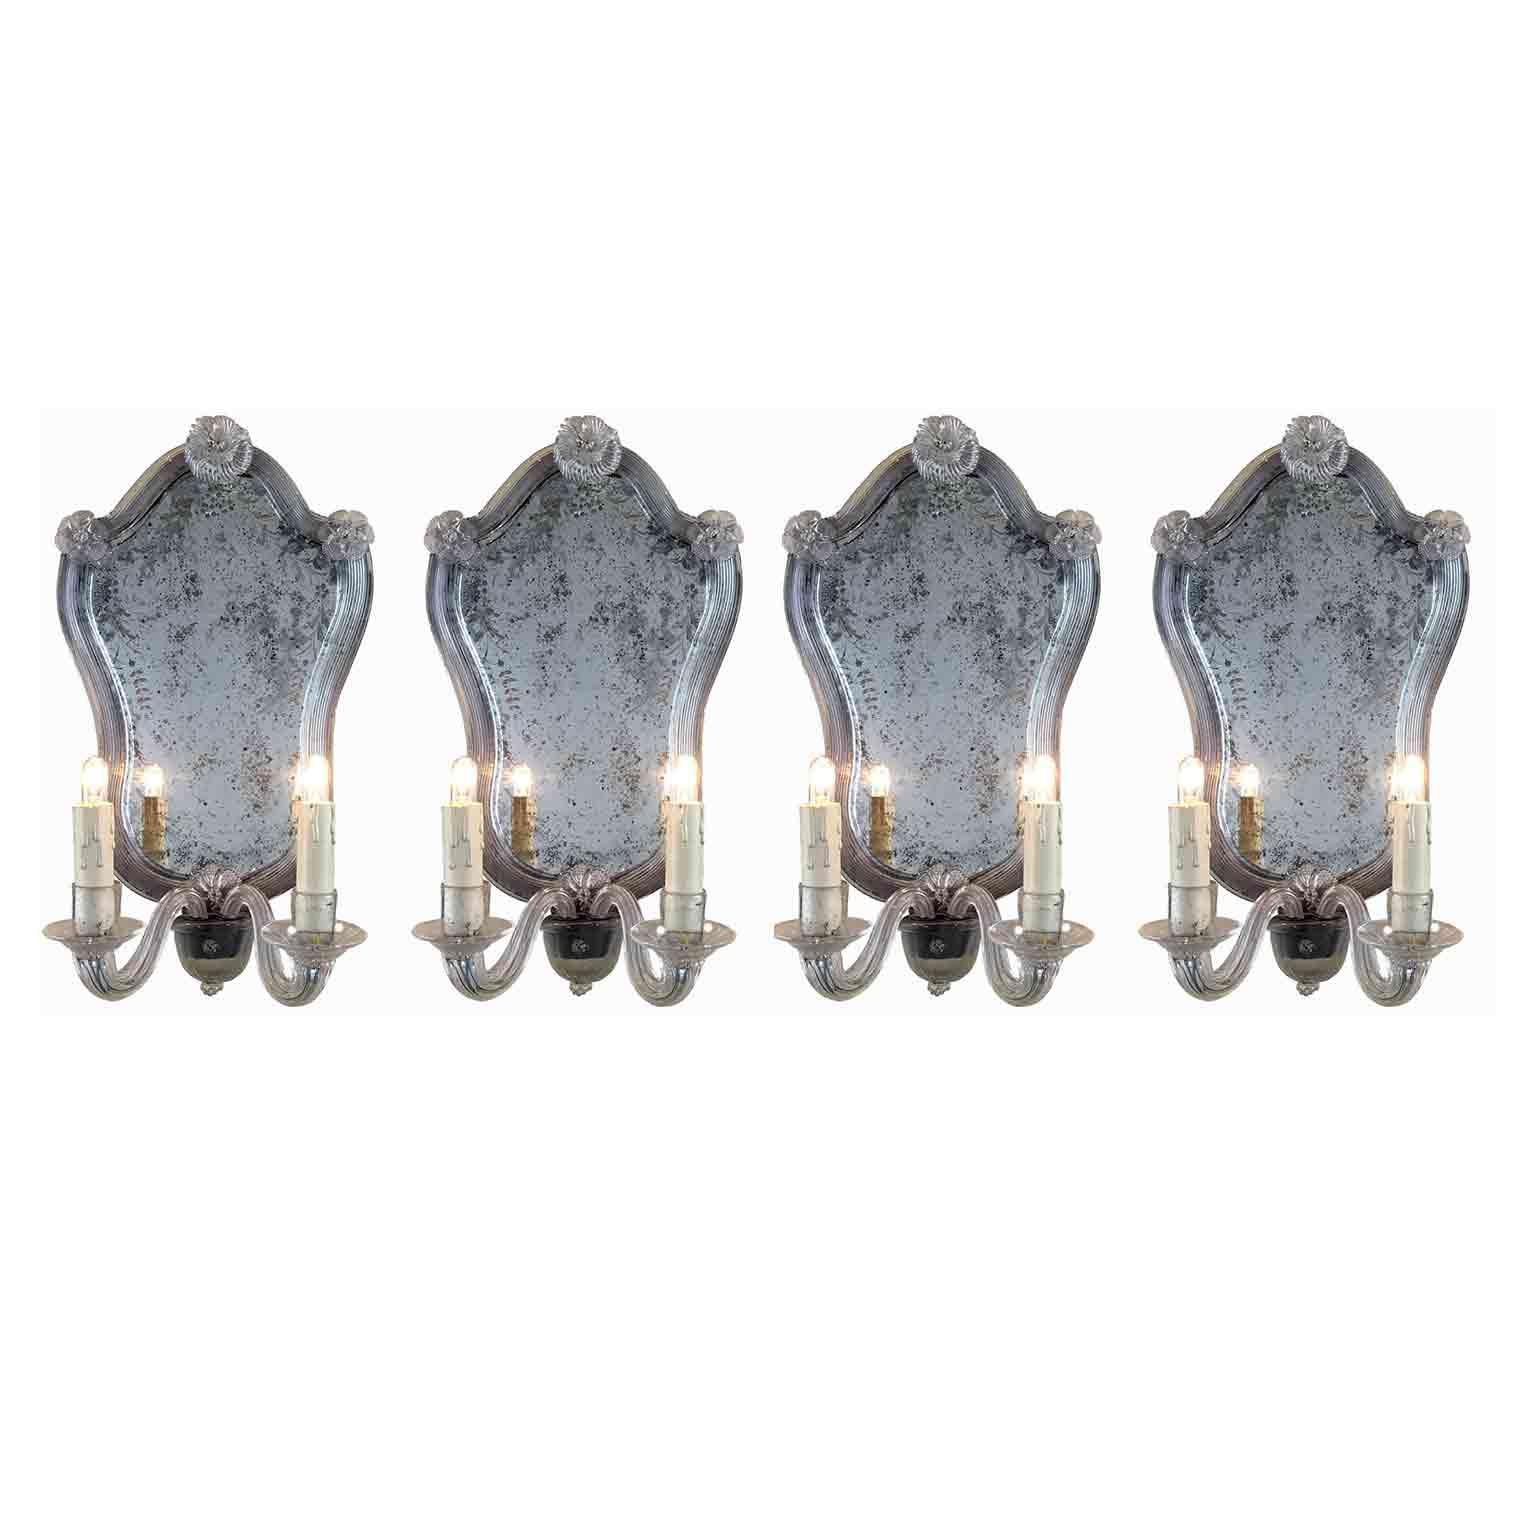 quattro appliques in vetro di murano con specchio molato